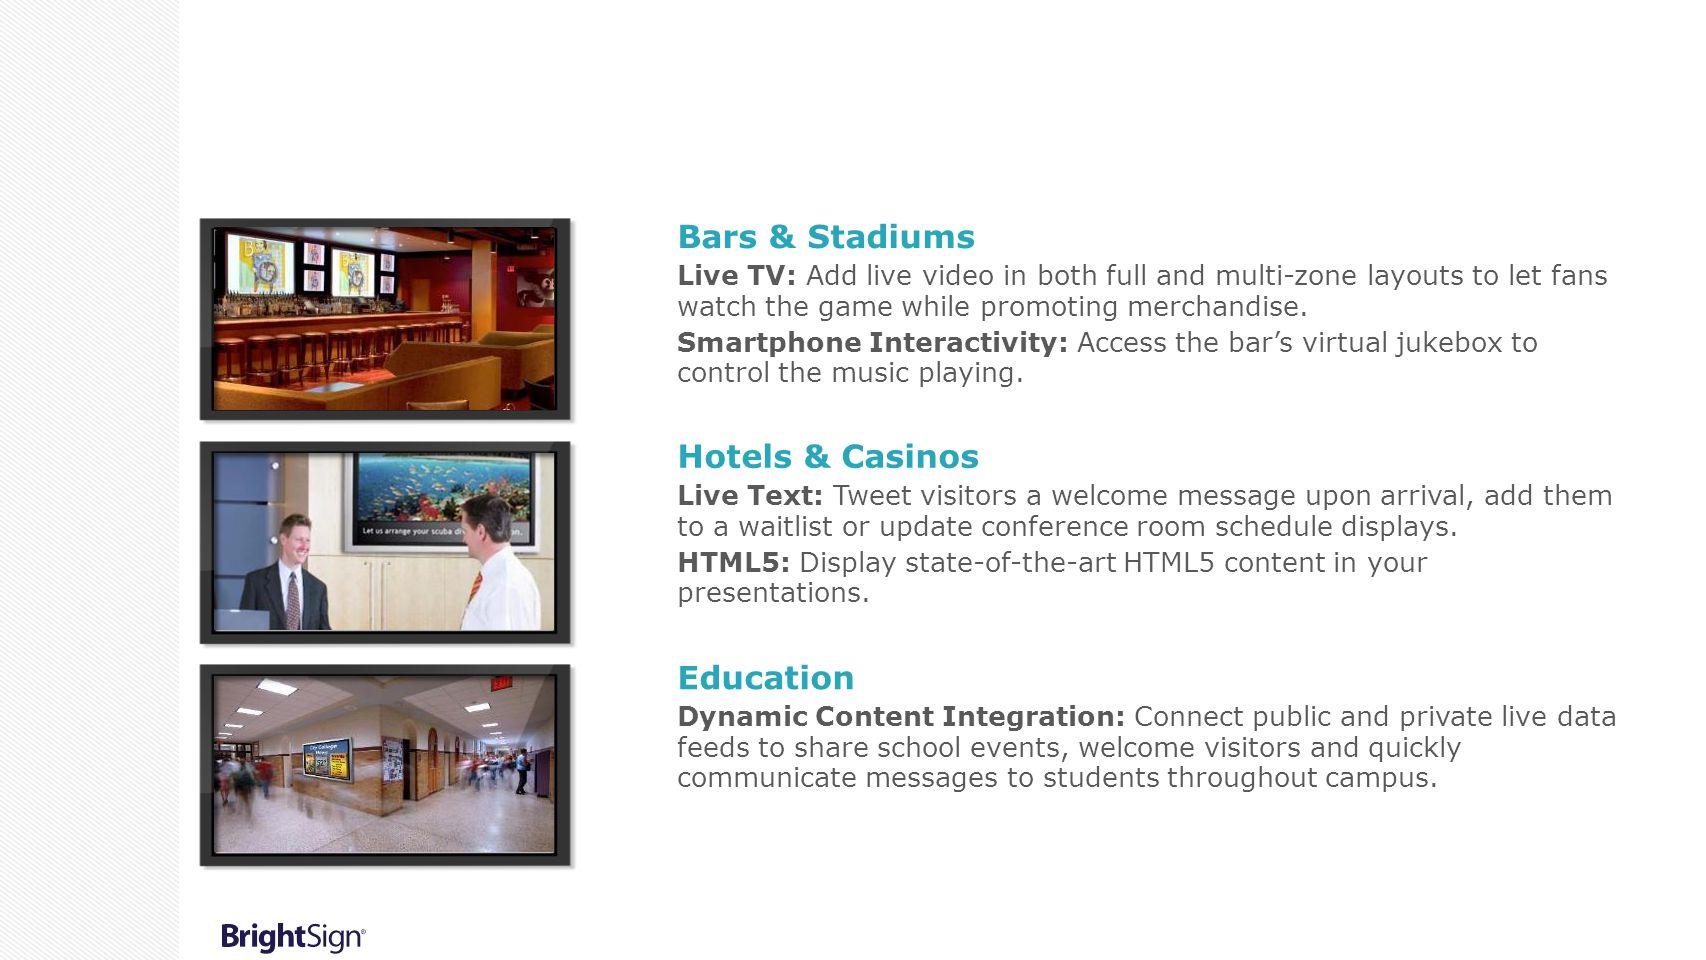 Bars & Stadiums Hotels & Casinos Education